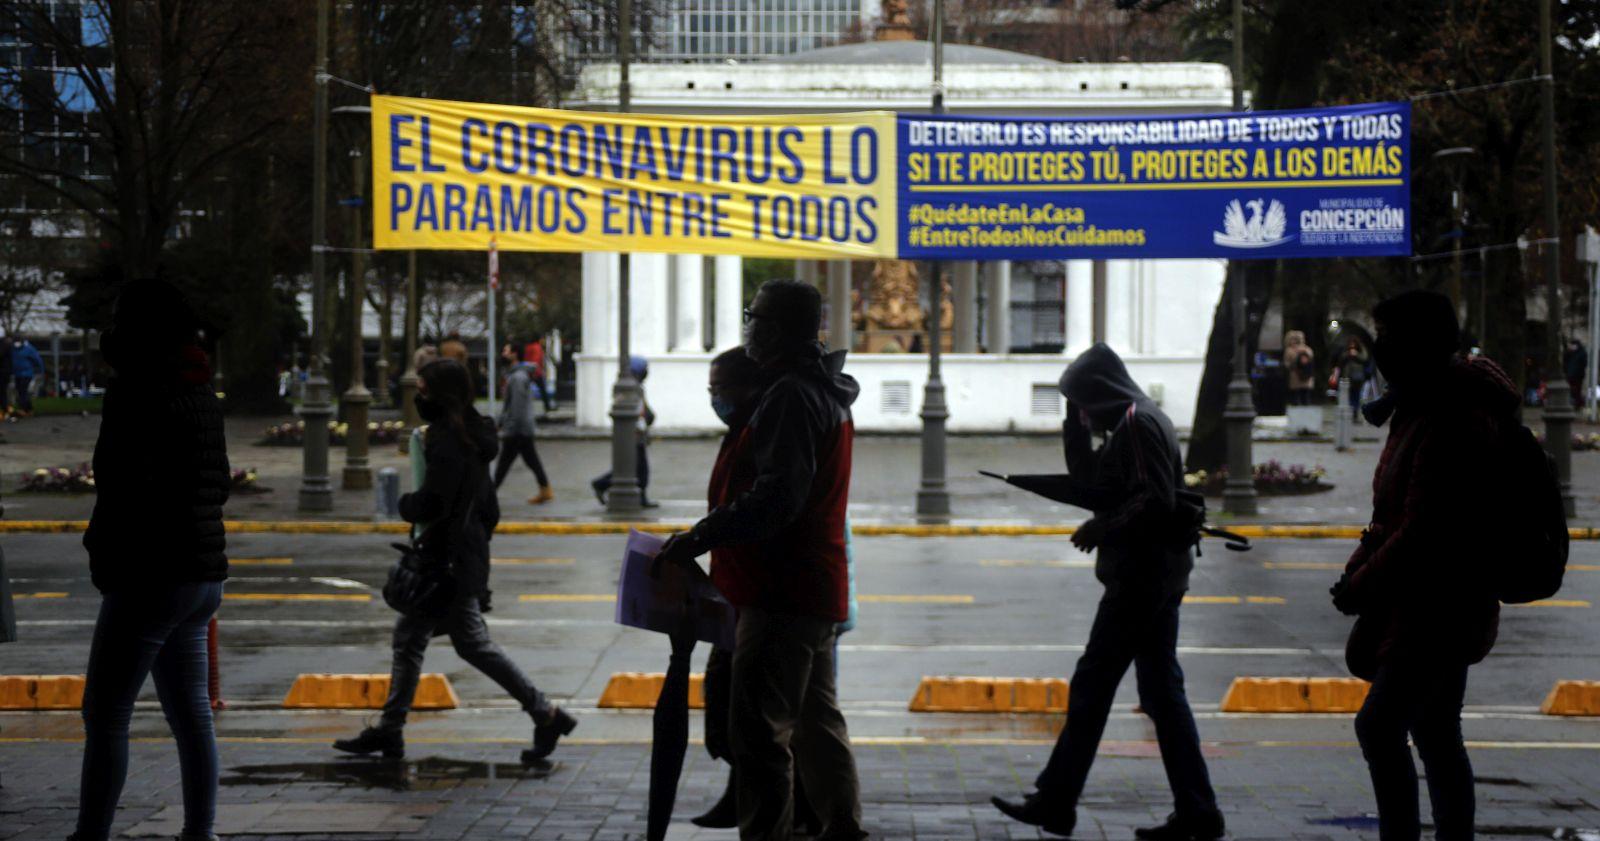 La evolución de la pandemia que obligó a confinar a Concepción